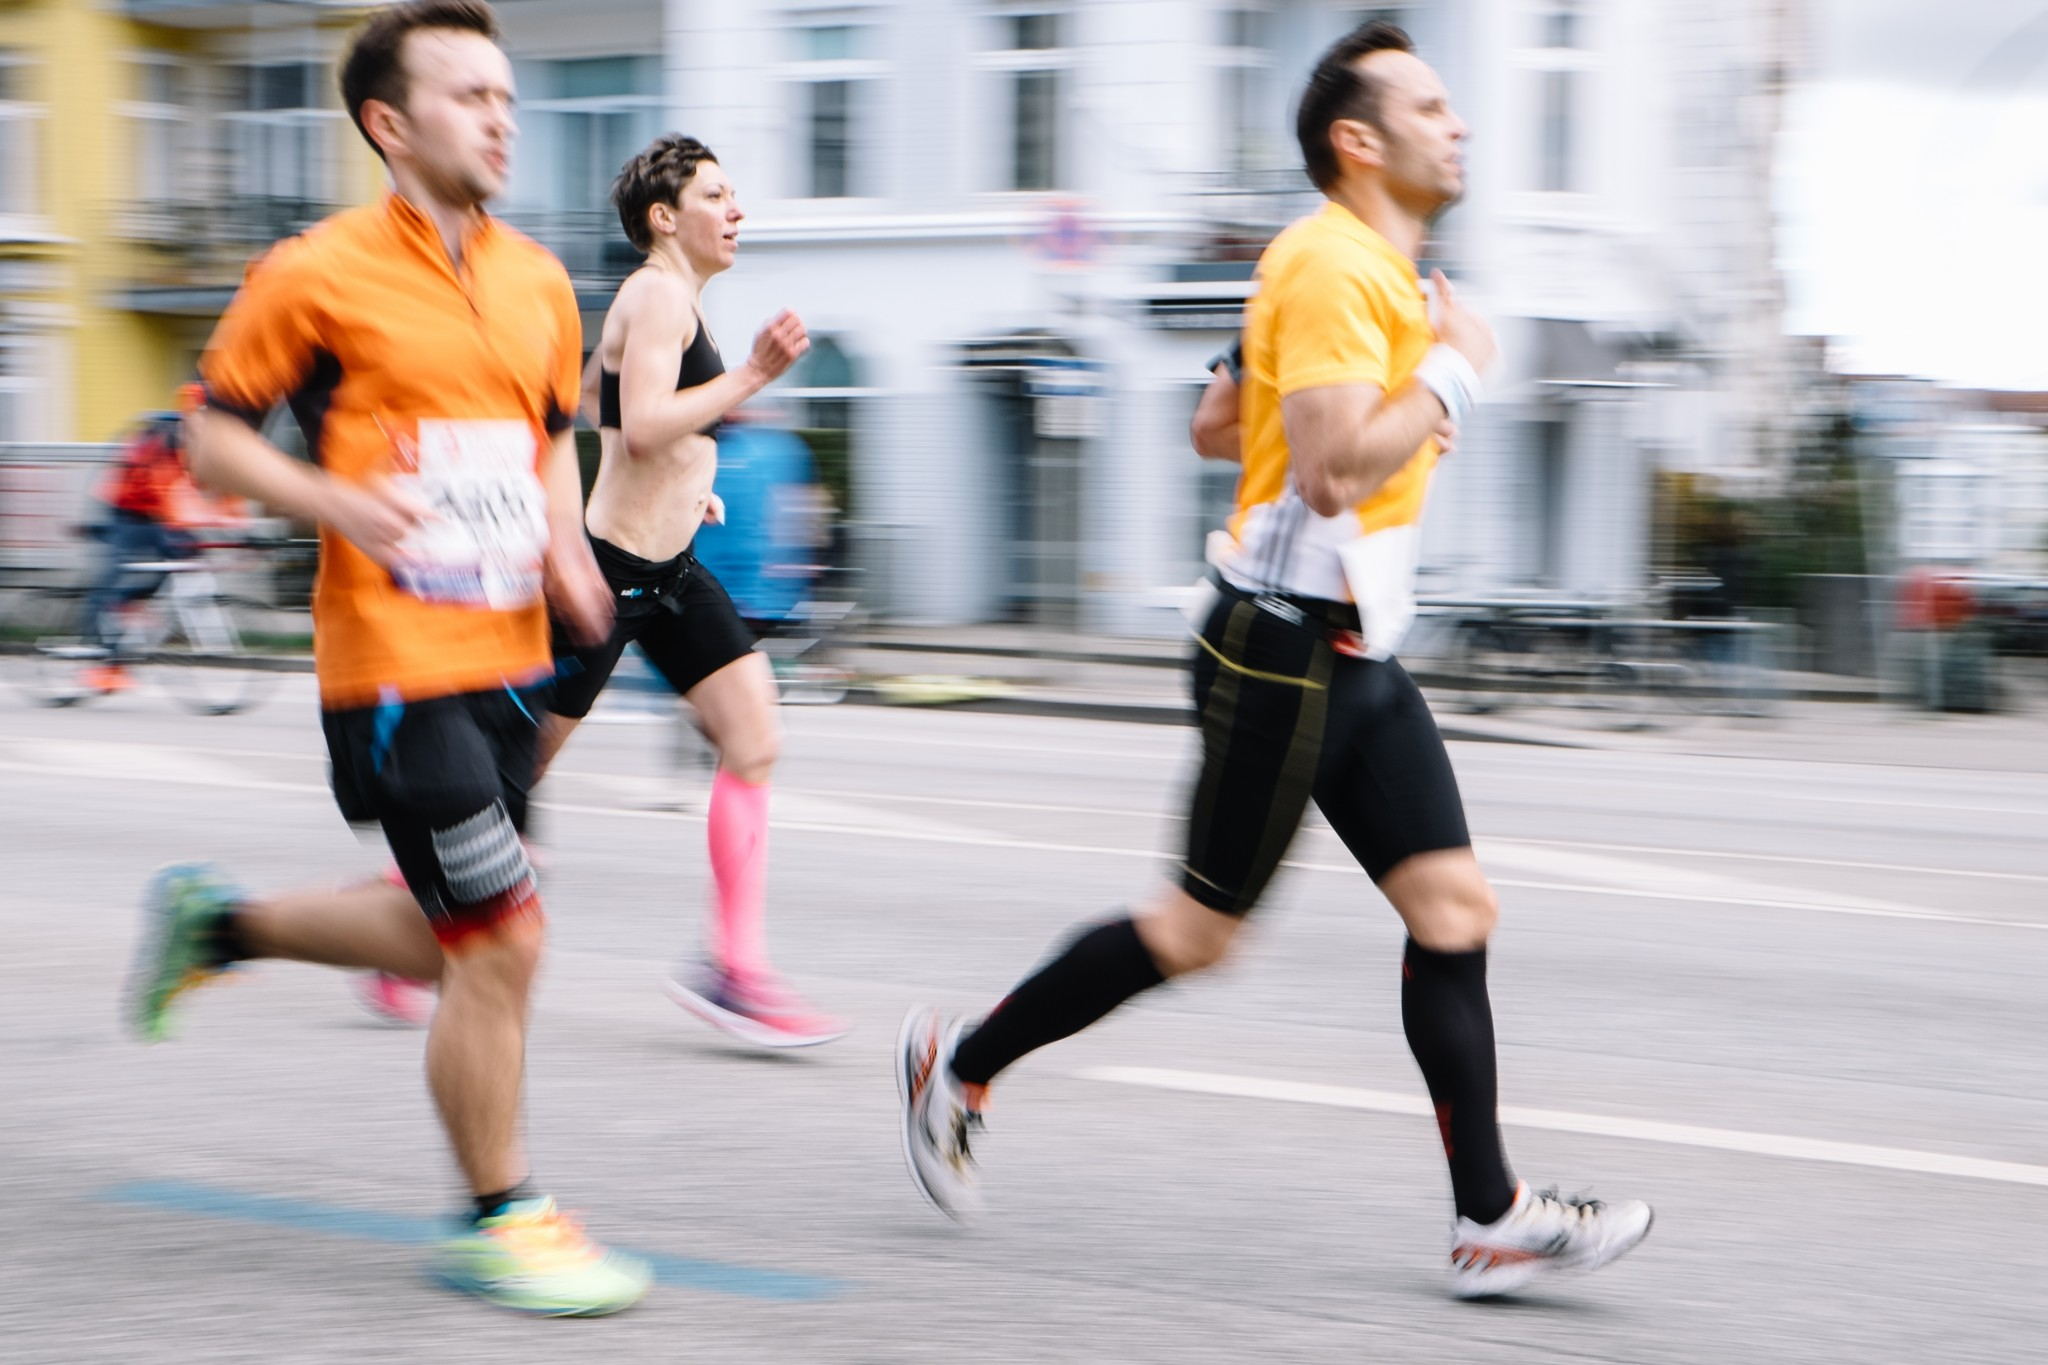 haspamarathon201616